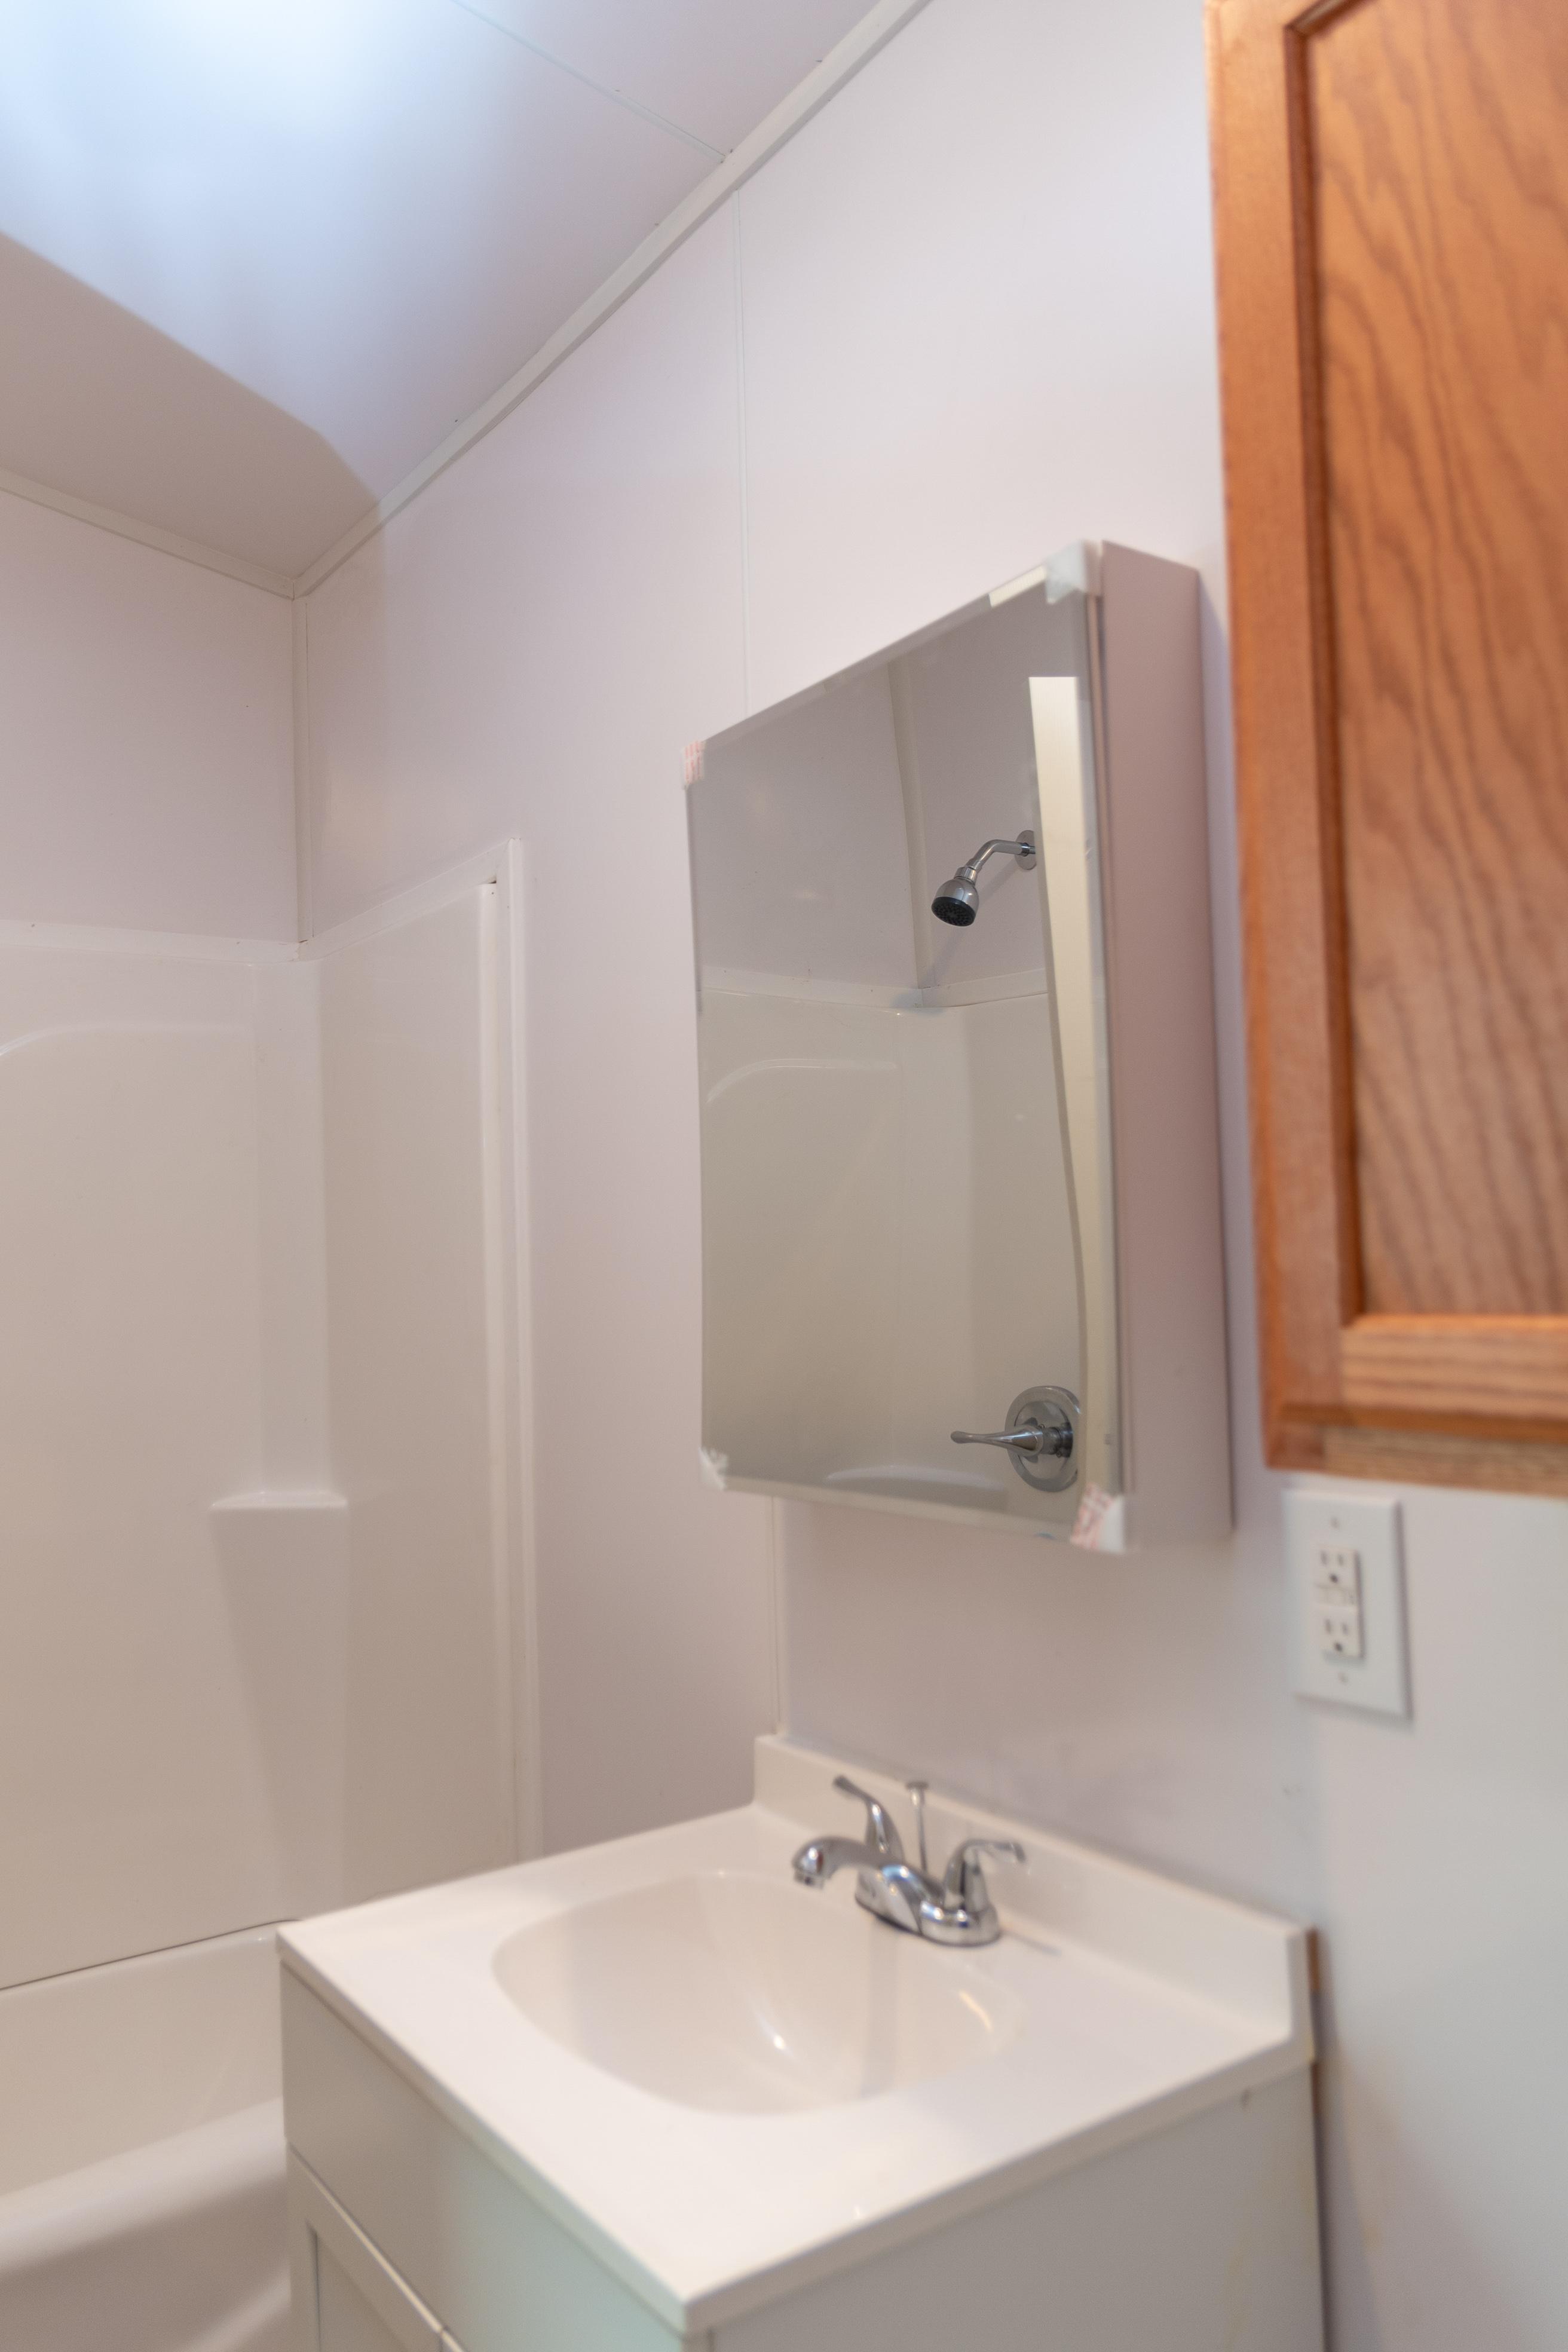 Full bathtub with shower